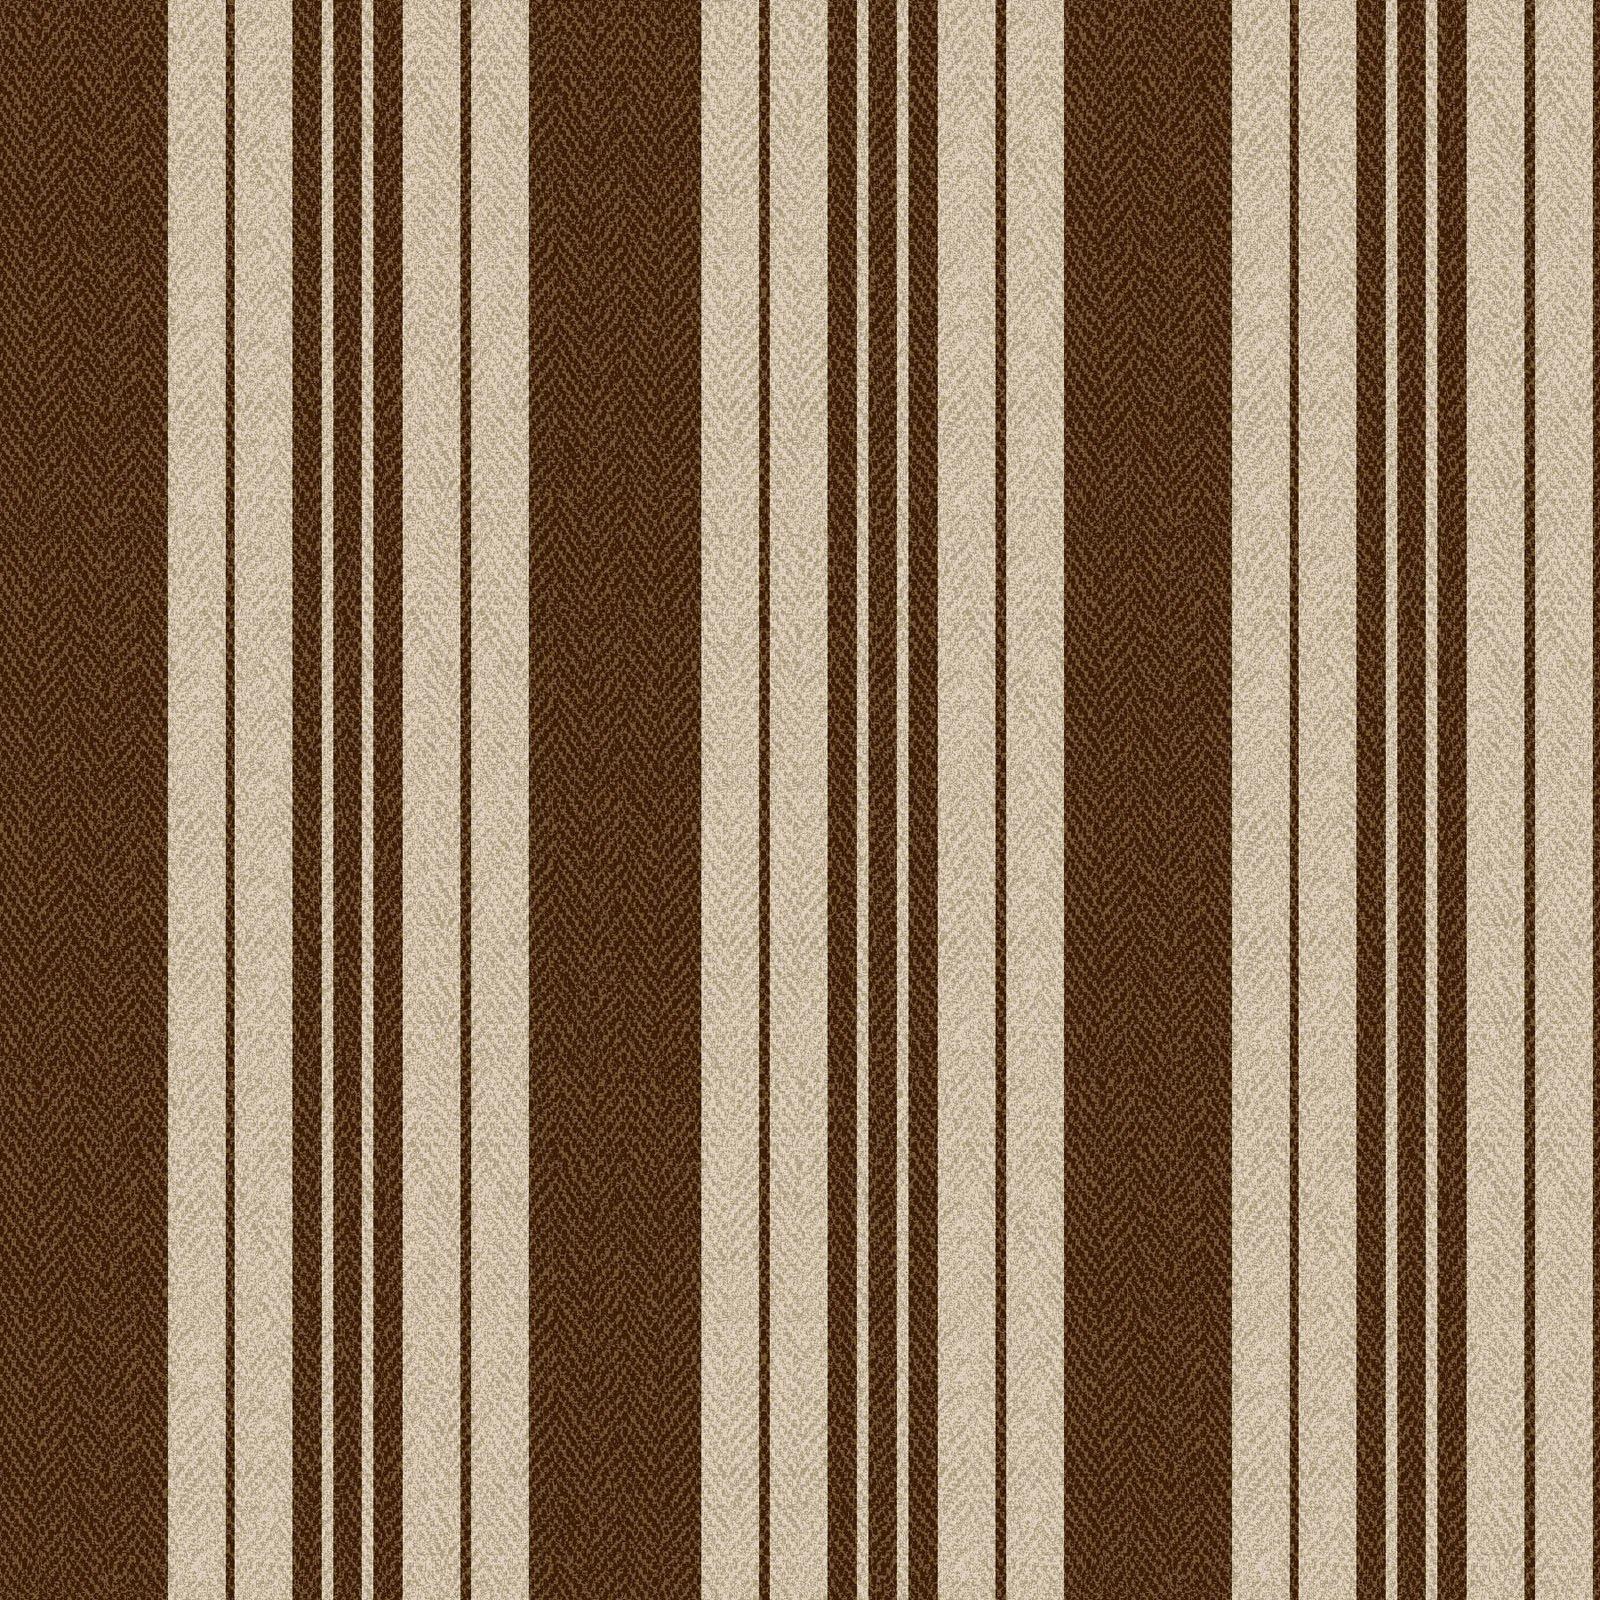 Ruby - Ticking Stripe - Tan/Brown